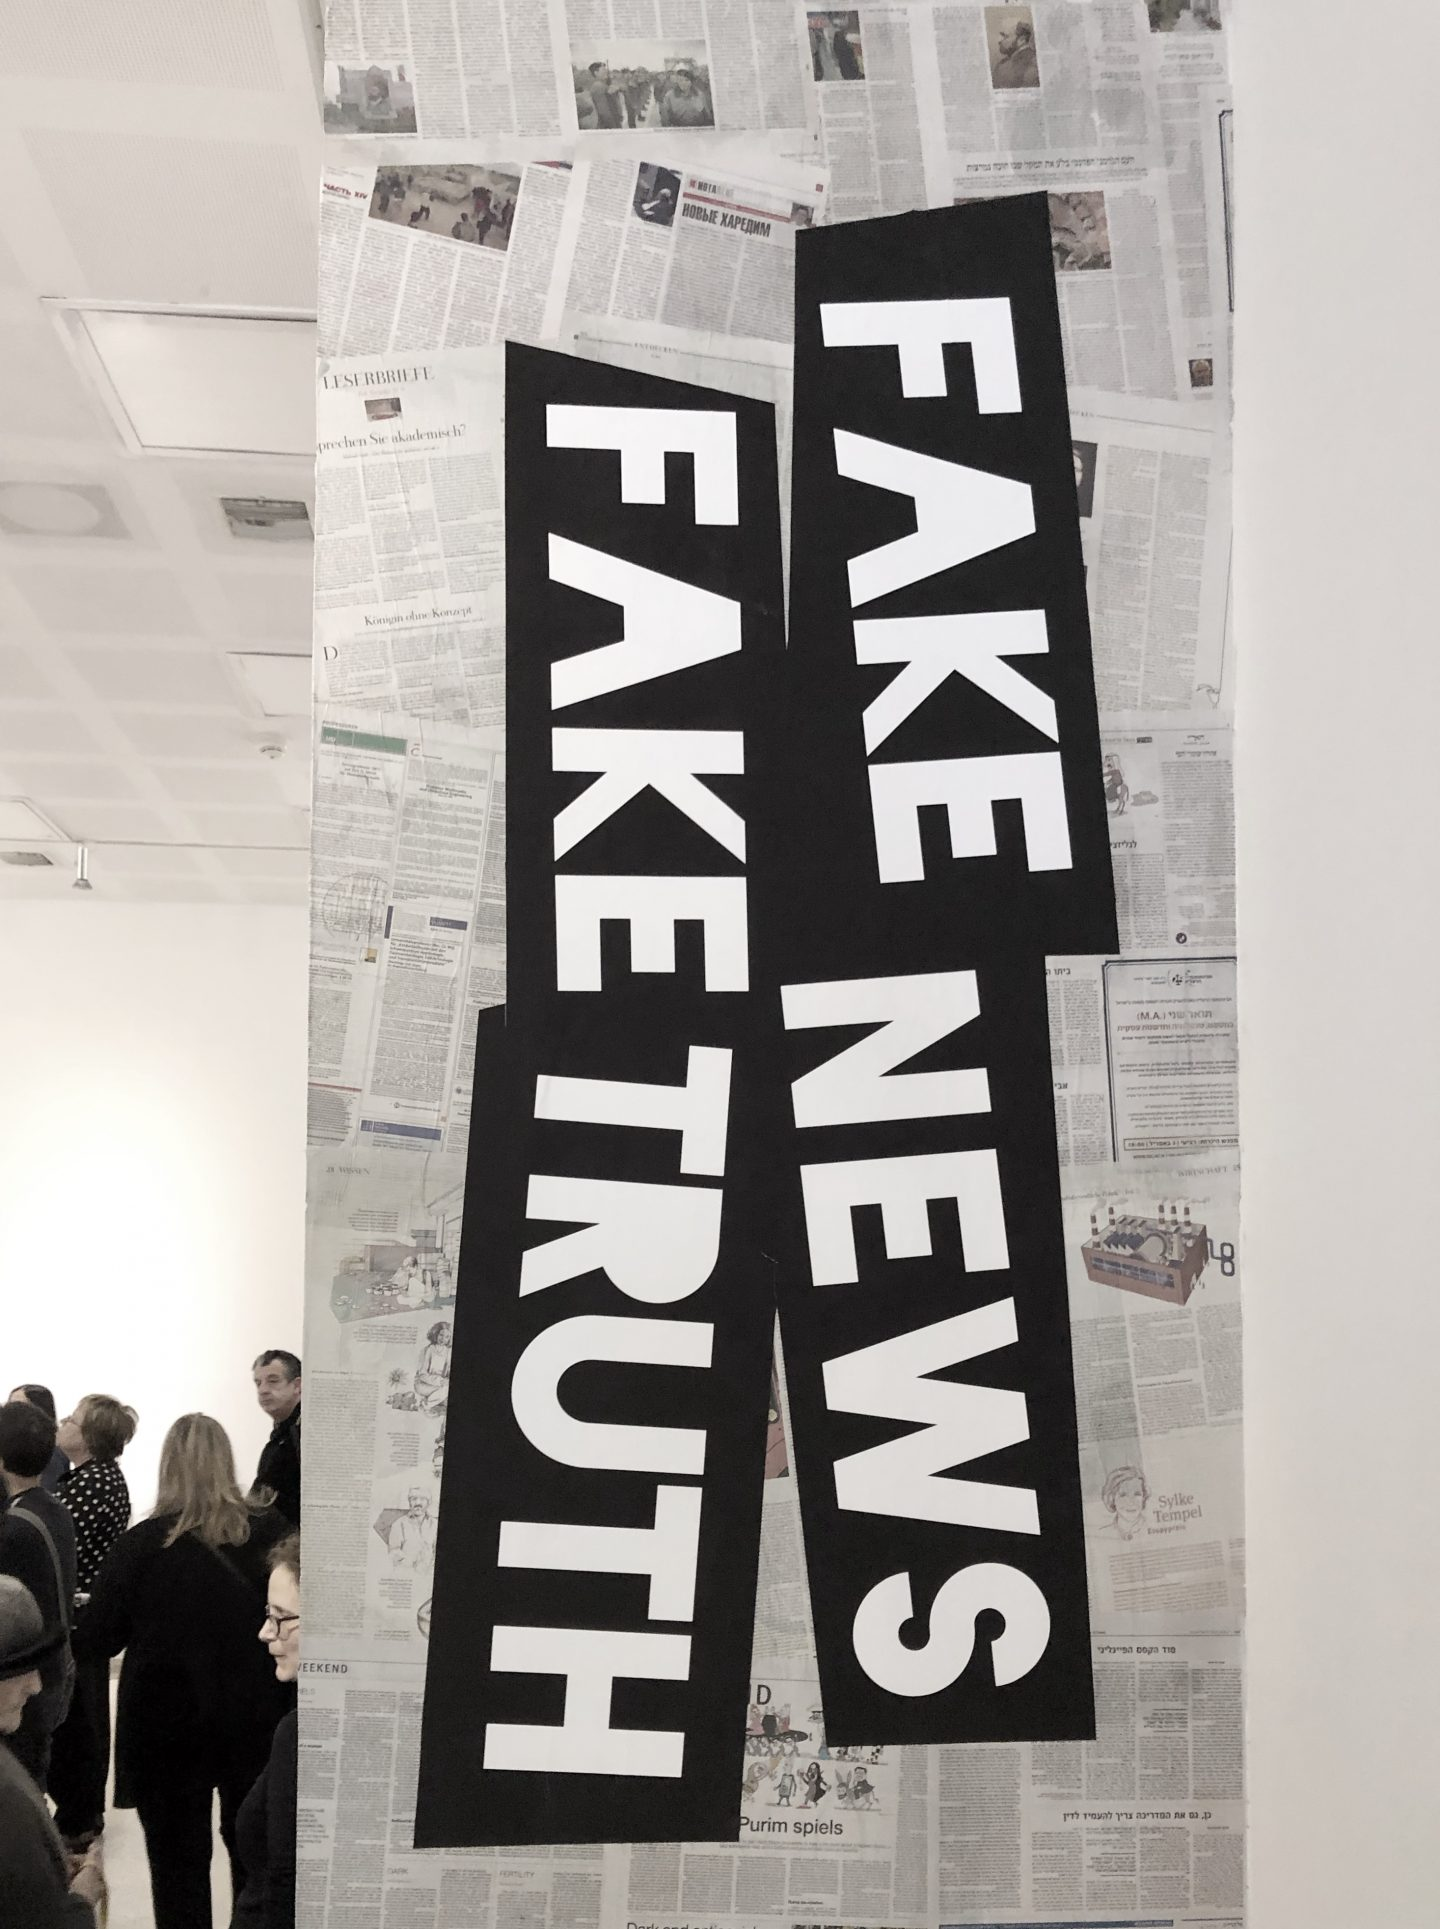 מוזיאון חיפה לאמנות תערוכה פייק ניוז4